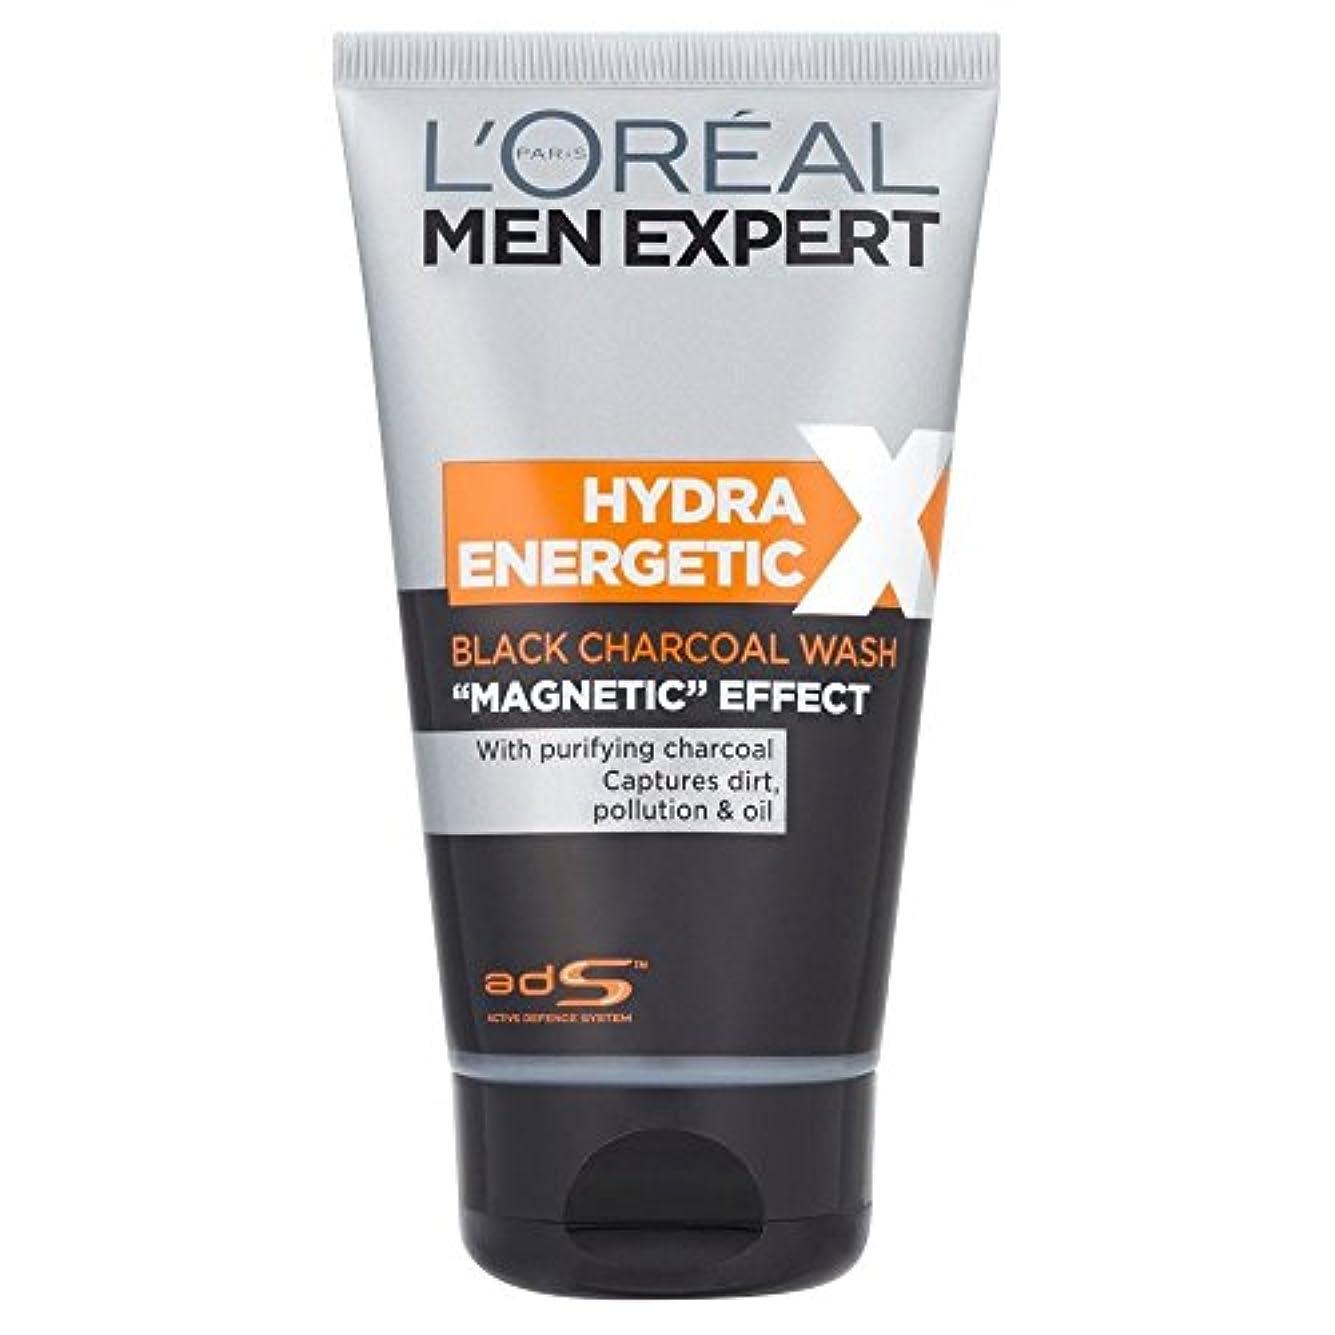 移民移動する先住民L'Oreal Paris Men Expert Hydra Energetic Daily Purifying Wash (150ml) L'オラ?アルパリのメンズ専門ヒドラエネルギッシュな毎日の浄化洗浄( 150ミリリットル)